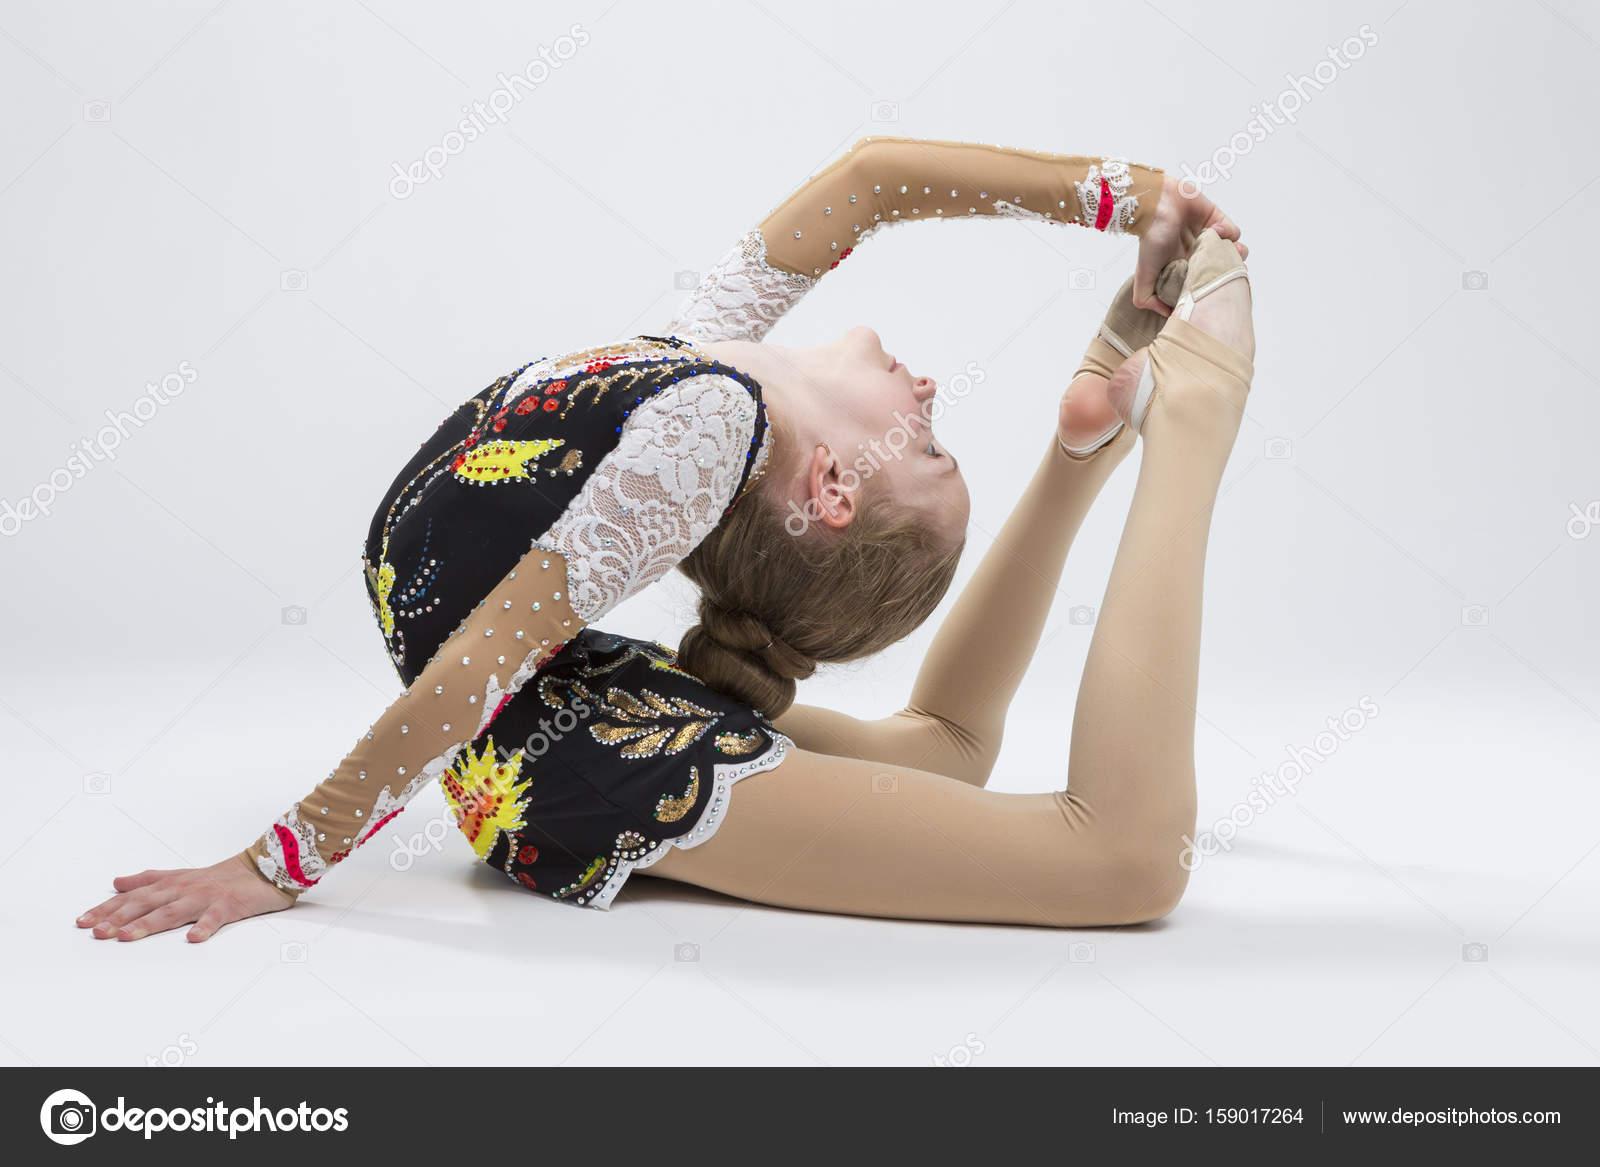 Idee Pose Fotografiche : Sport ideen junge caucasian female rhythmischen sportgymnastik